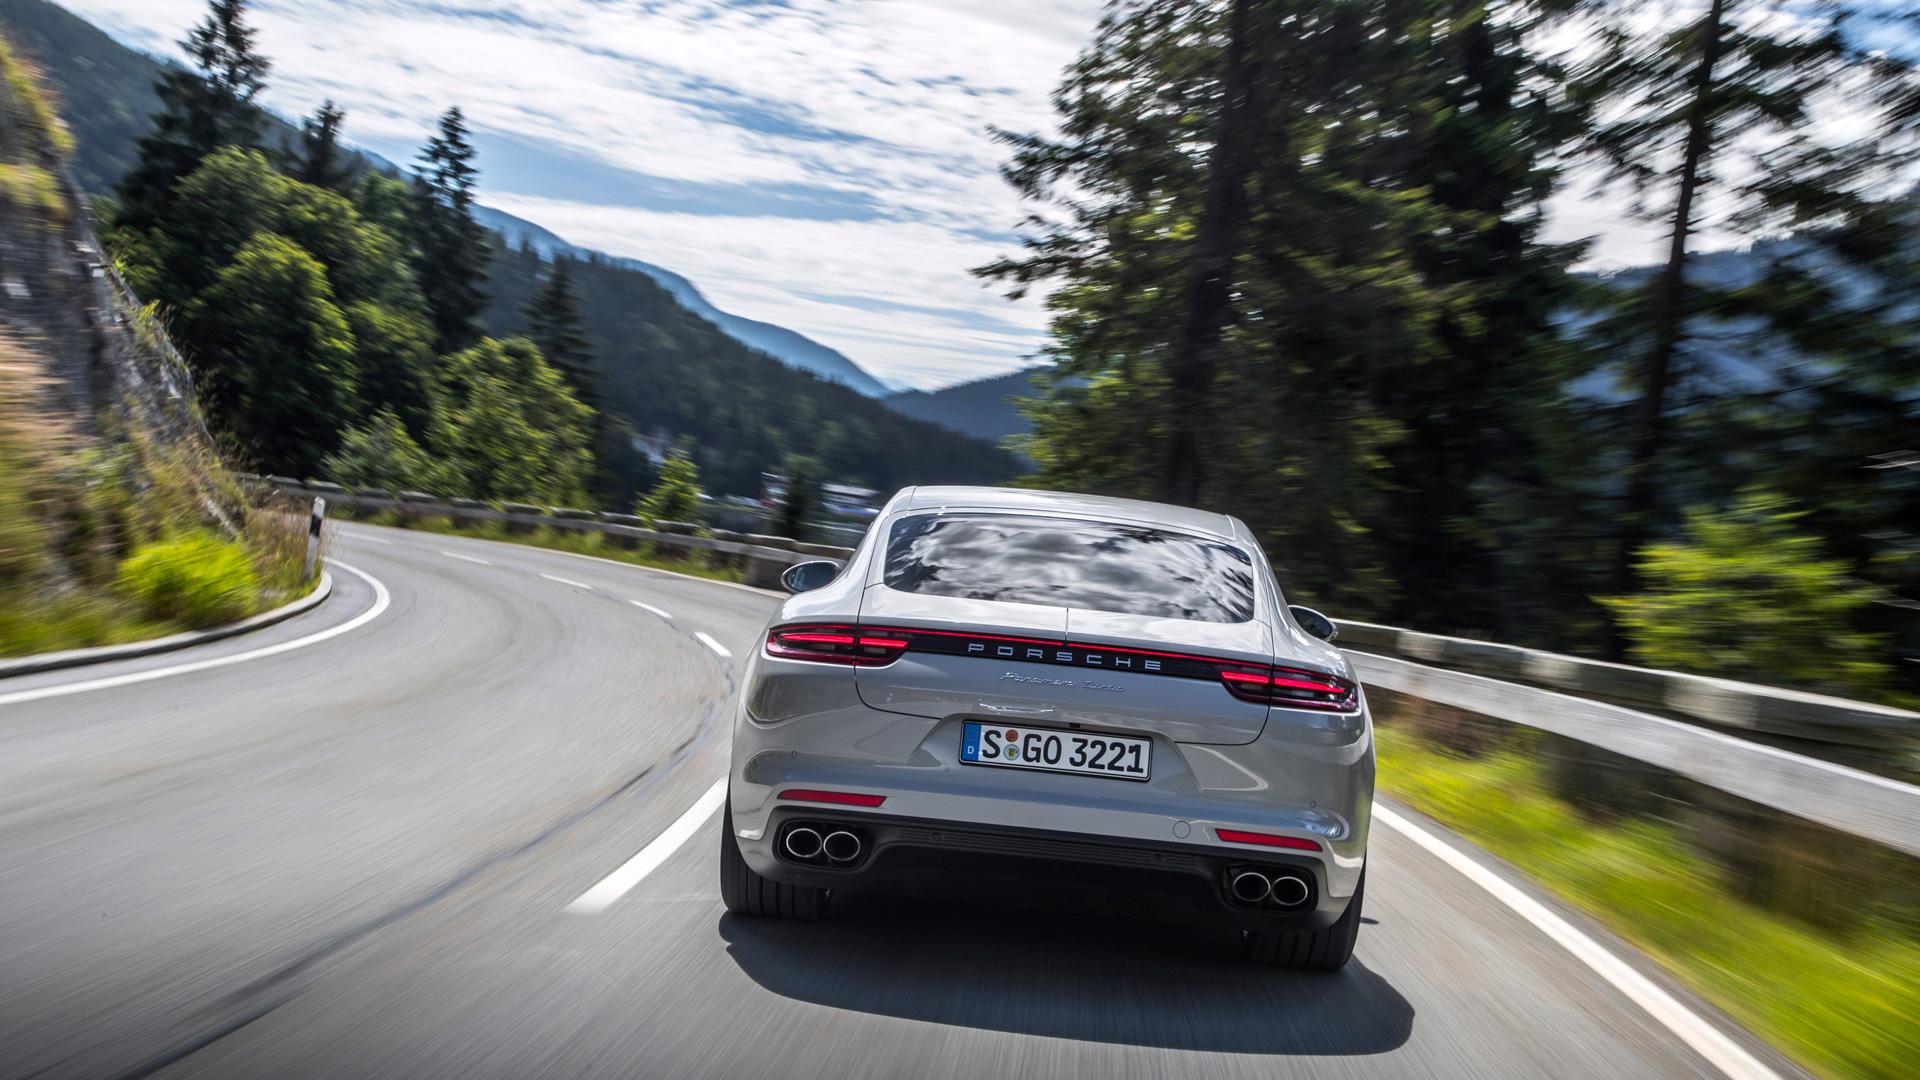 Инженеры Porsche сделали изPanamera самый совершенный спортседан вмире? Похоже, что да. Фото 3